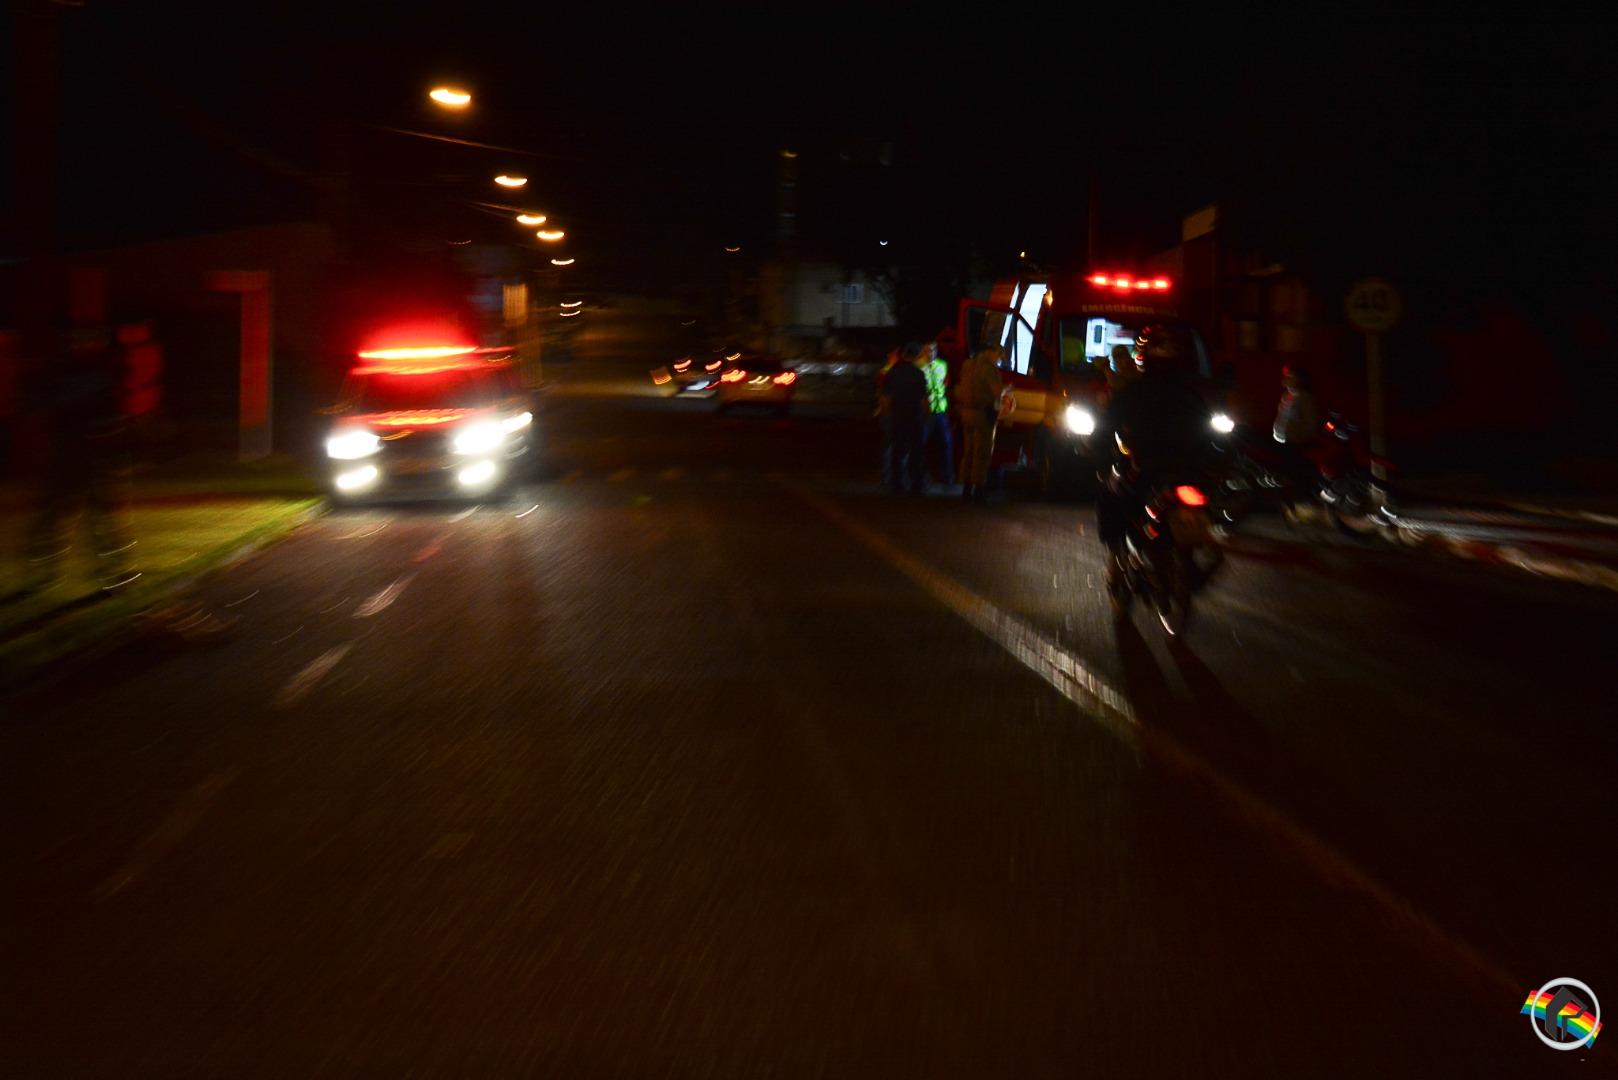 Motociclista sofre queda ao atropelar cachorro em SMOeste